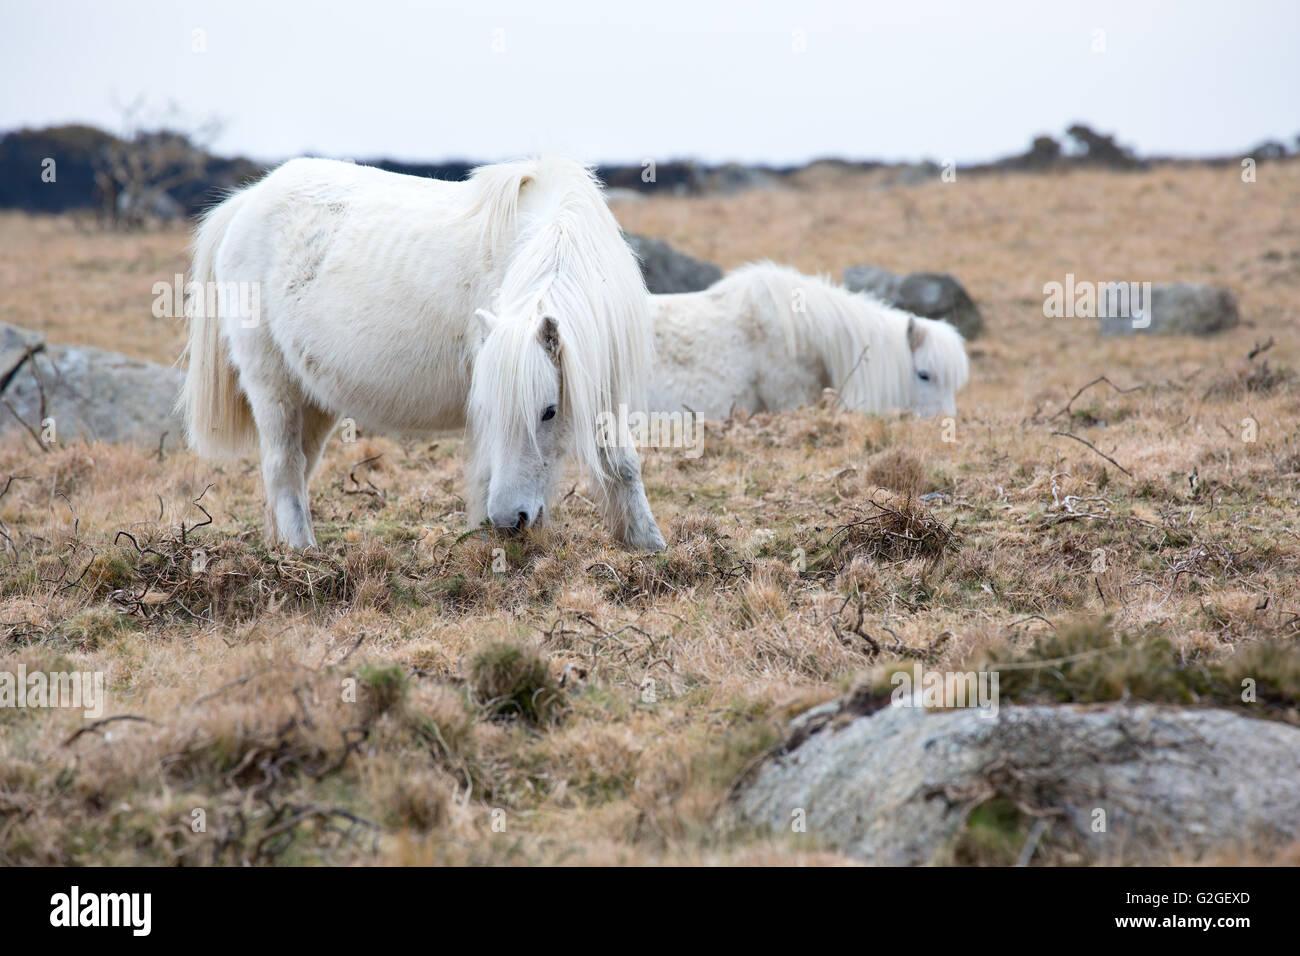 A Dartmoor pony grazing on moorland Dartmoor National Park Devon Uk - Stock Image